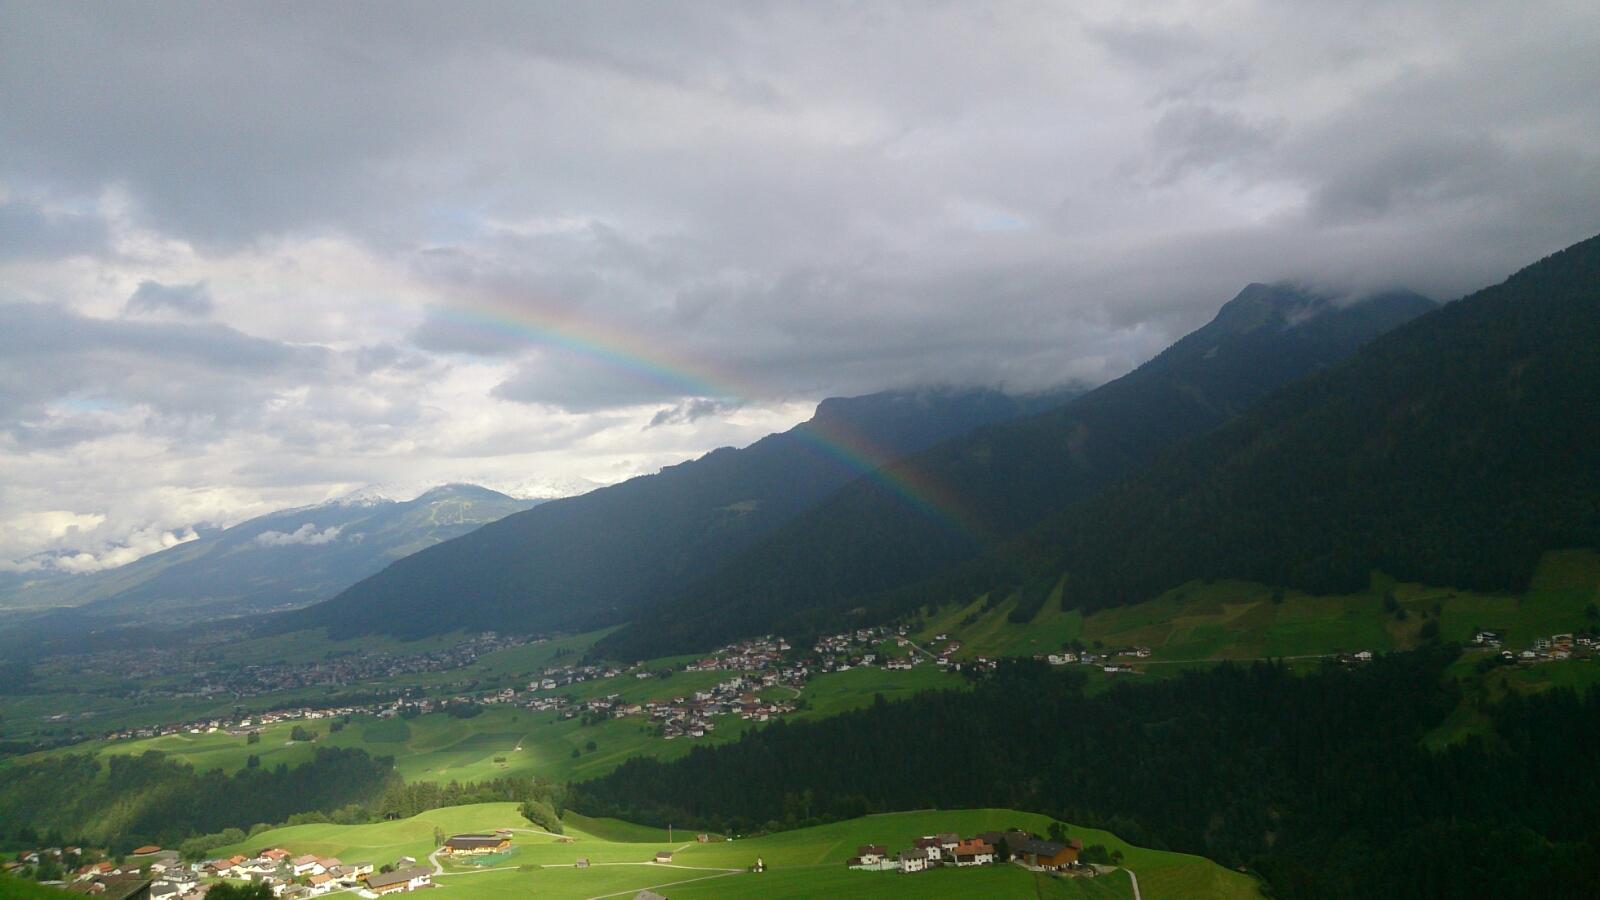 verschiedenArt: Kurzausflug nach Zirl - Ausblick auf Zirl mit Regenbogen und Sonnenflecken